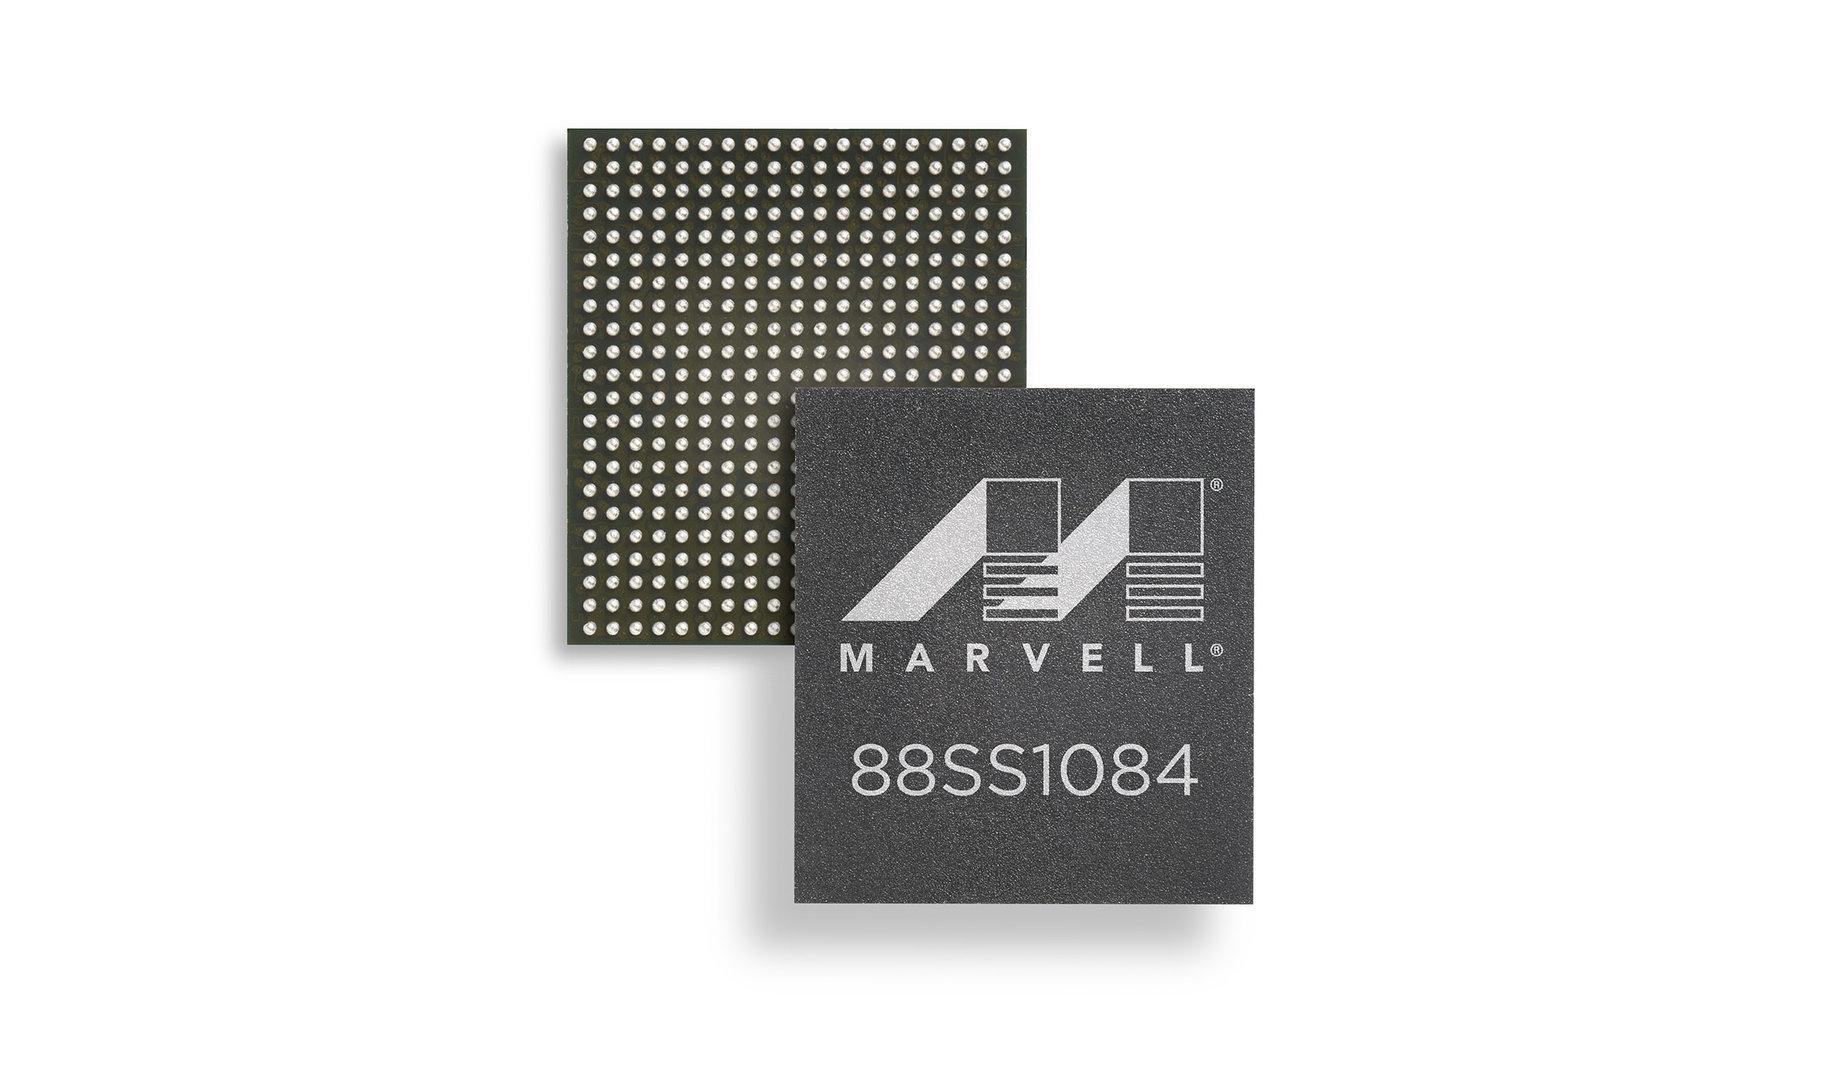 Marvell 88SS1084